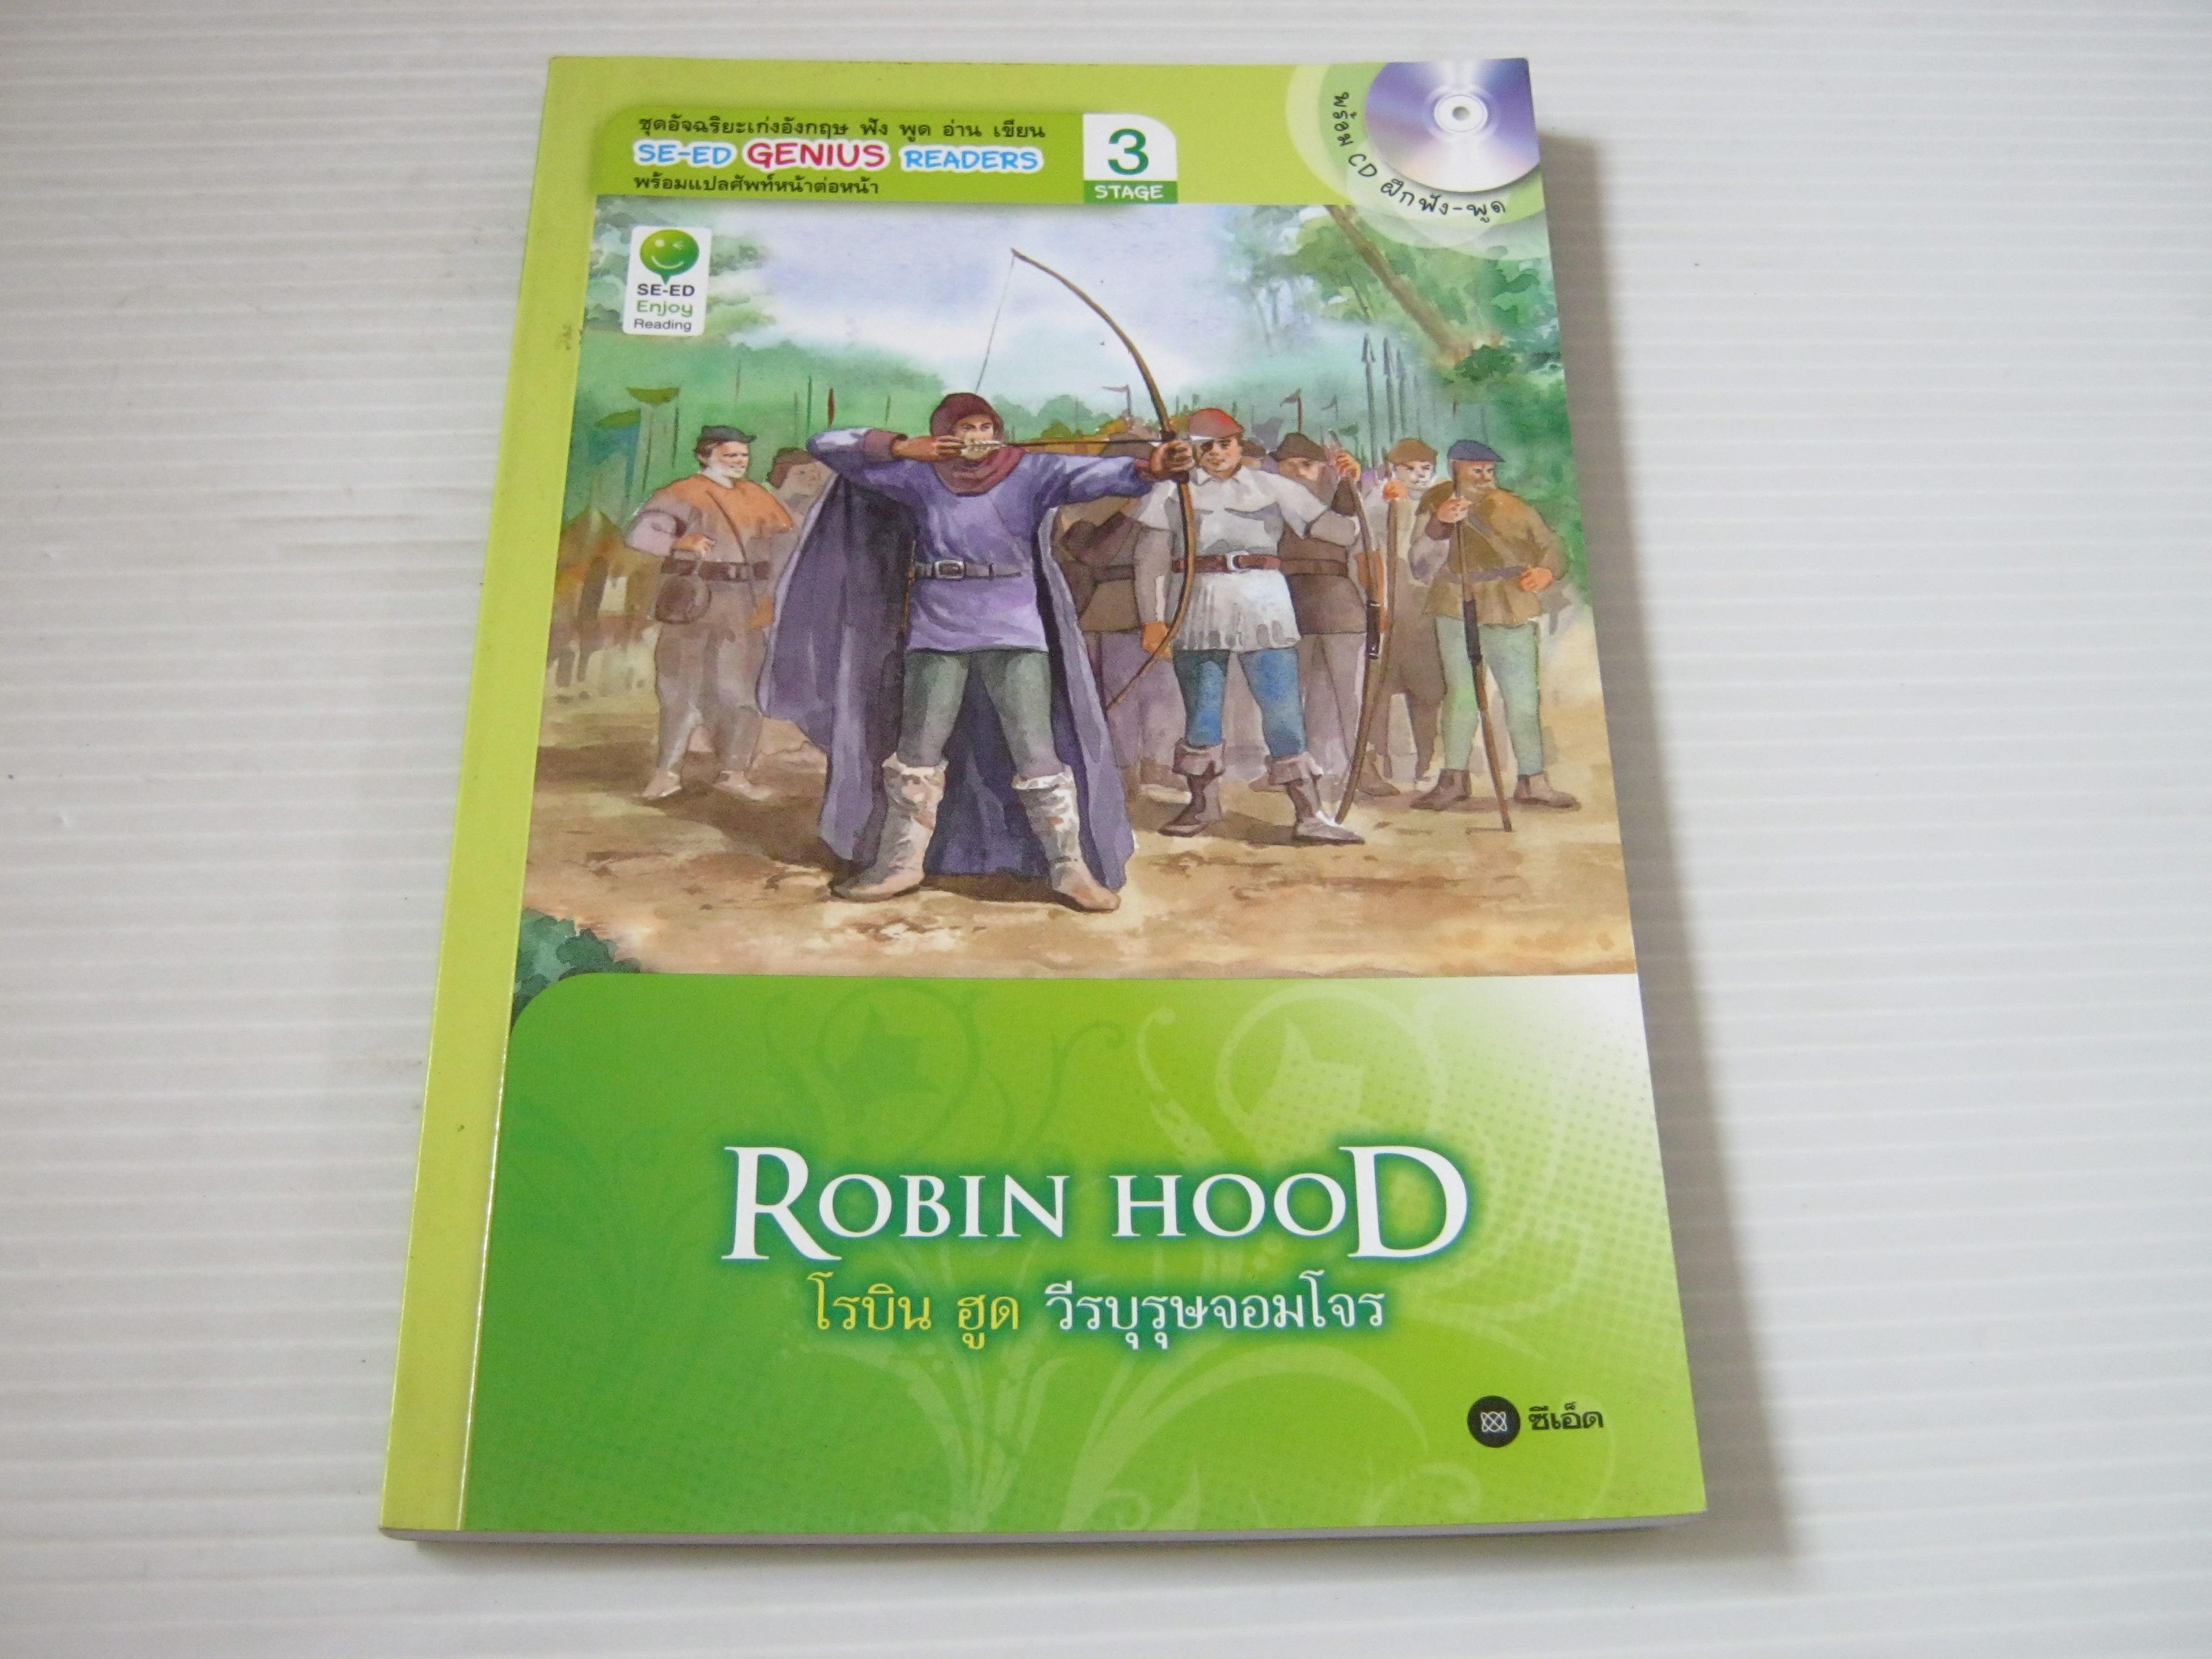 โรบิน ฮูด วีรบุรุษจอมโจร (Robin Hood) พร้อม CD ฝึกฟัง-พูด Brian J. Stuart เรียบเรียง สิริรัตน์ นุ่มฟักและสินีนาฎ มีศรี แปล